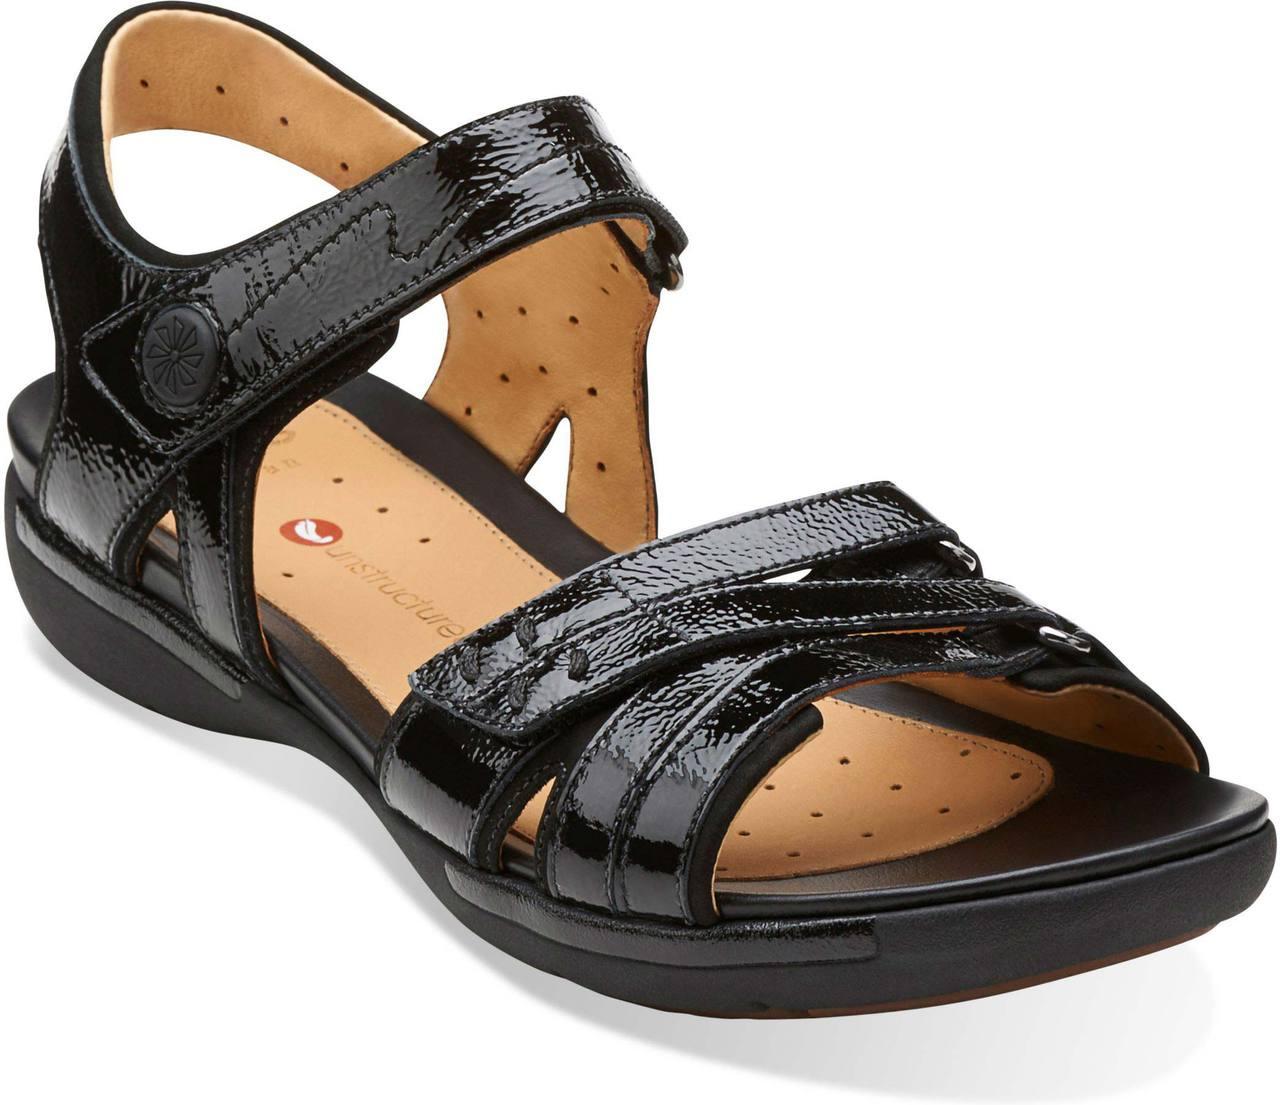 ... Strappy Sandals; Clarks Unstructured Women's Un.Vasha. Black Patent